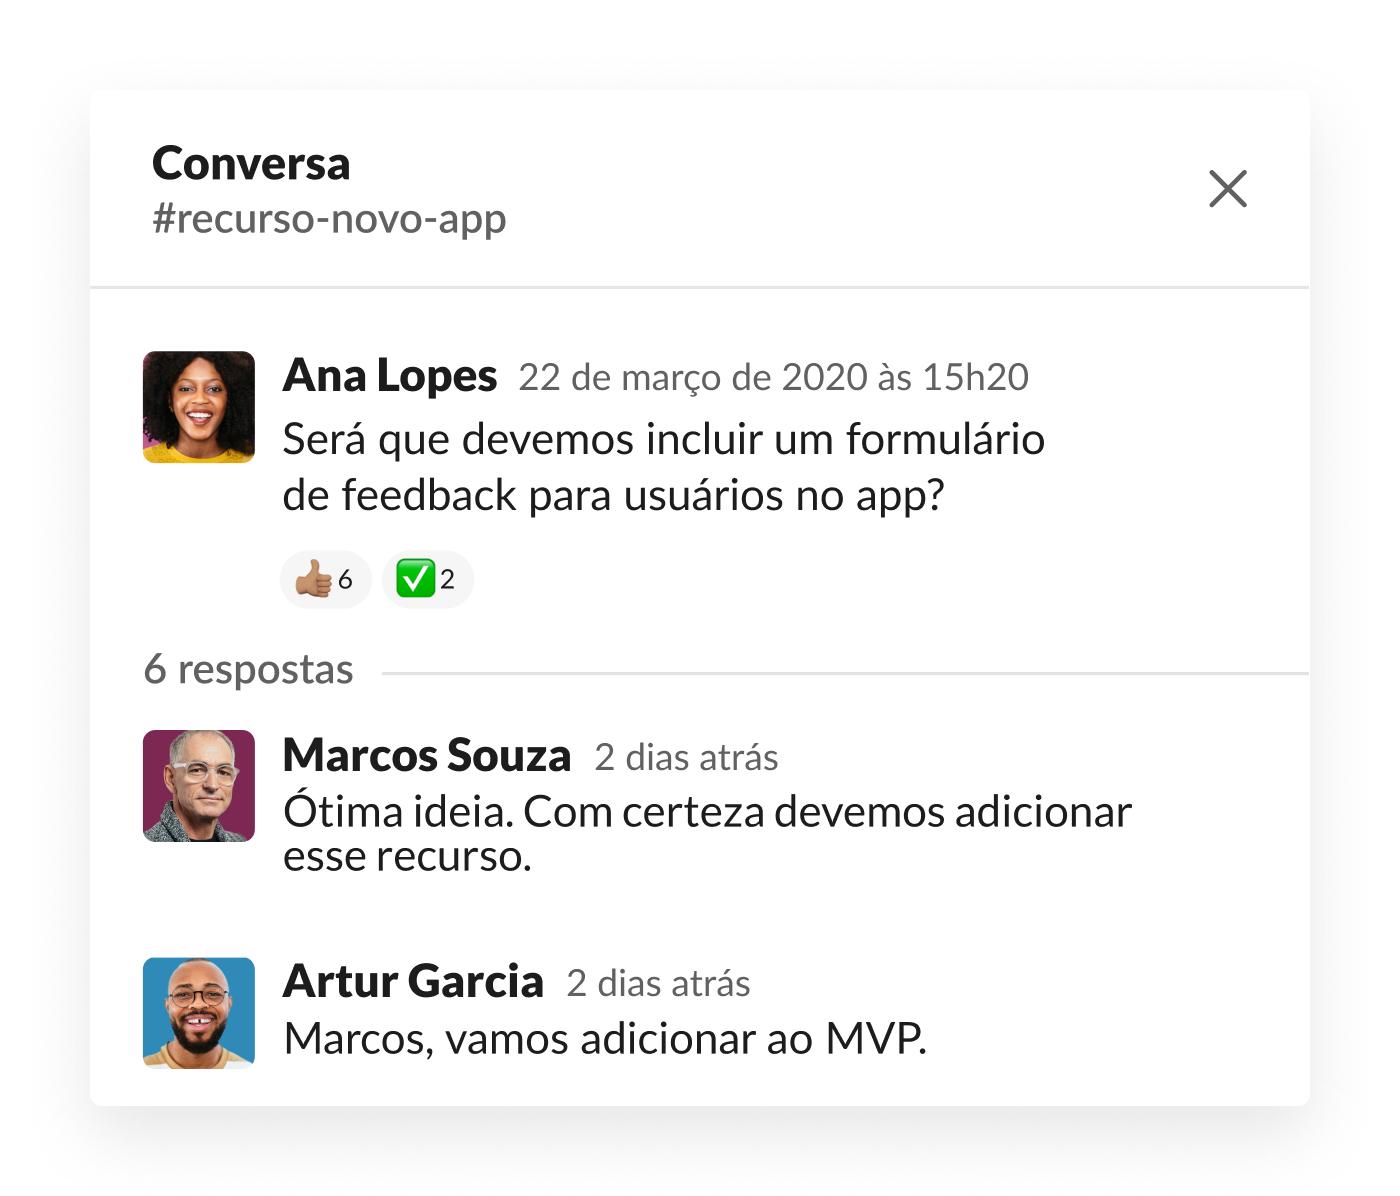 Conversa no Slack sobre o formulário de feedback para usuários no app